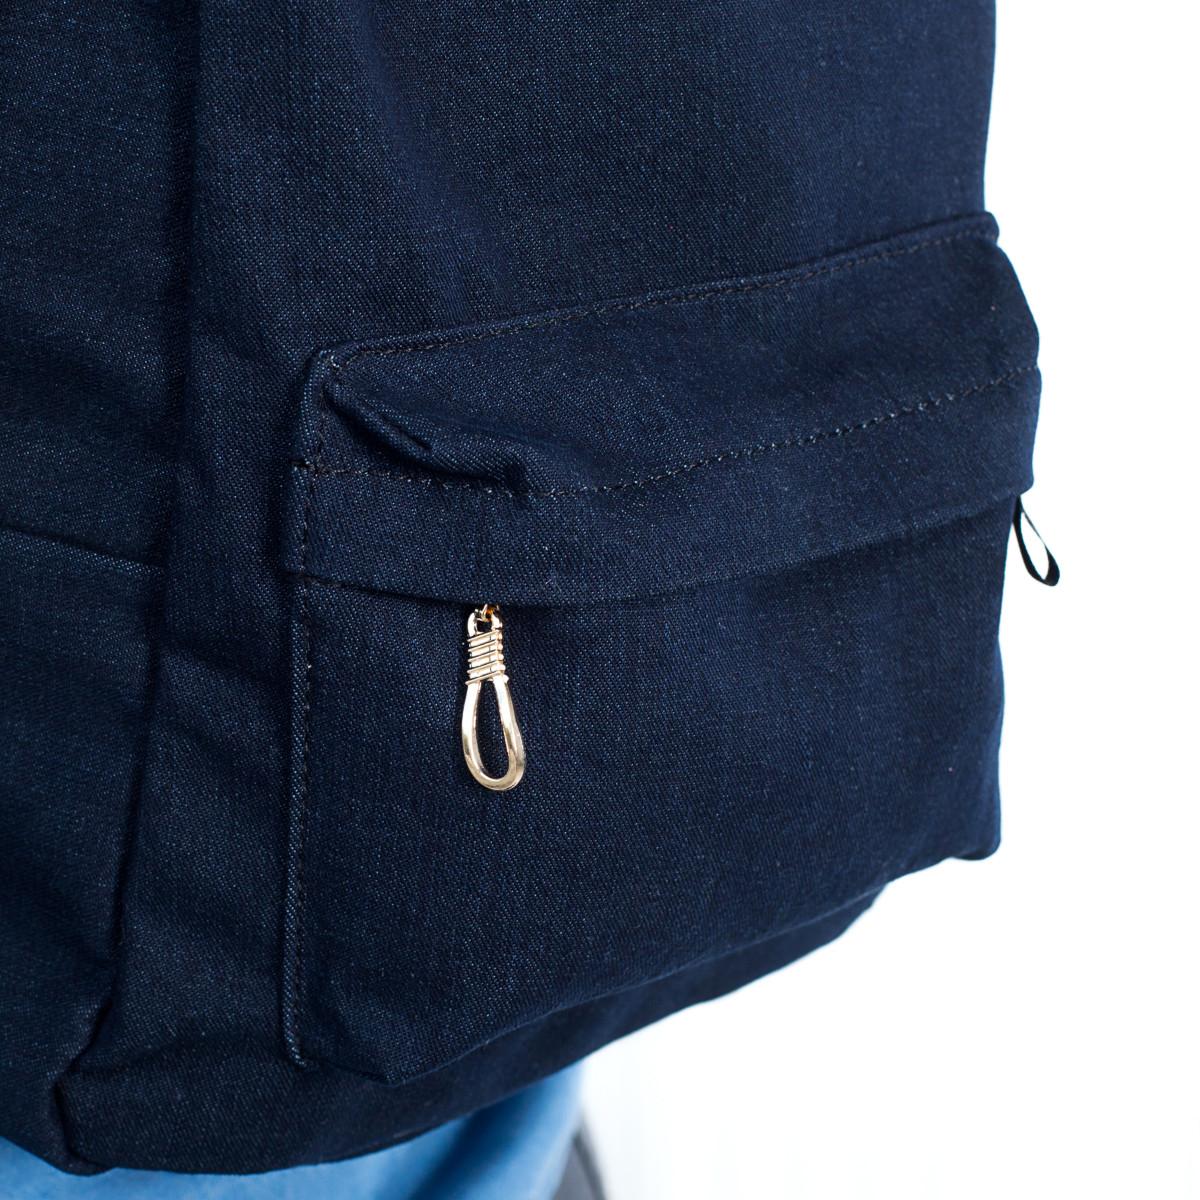 Стильный женский джинсовый рюкзак Mayers, темно-синий однотонный, фото 7